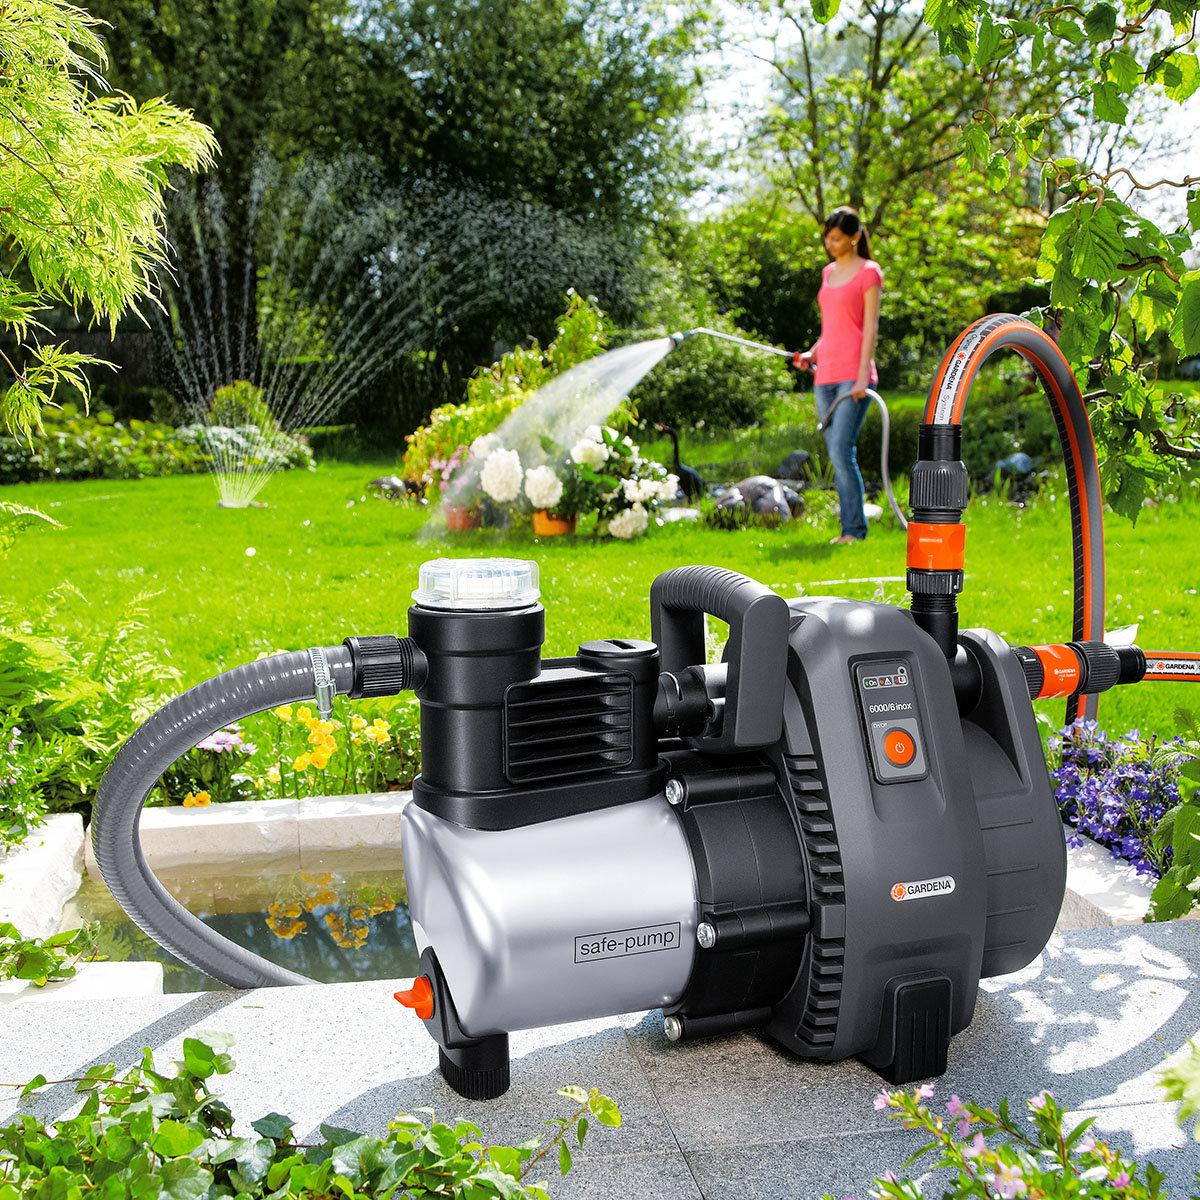 Gartenpumpe 6000/6 inox